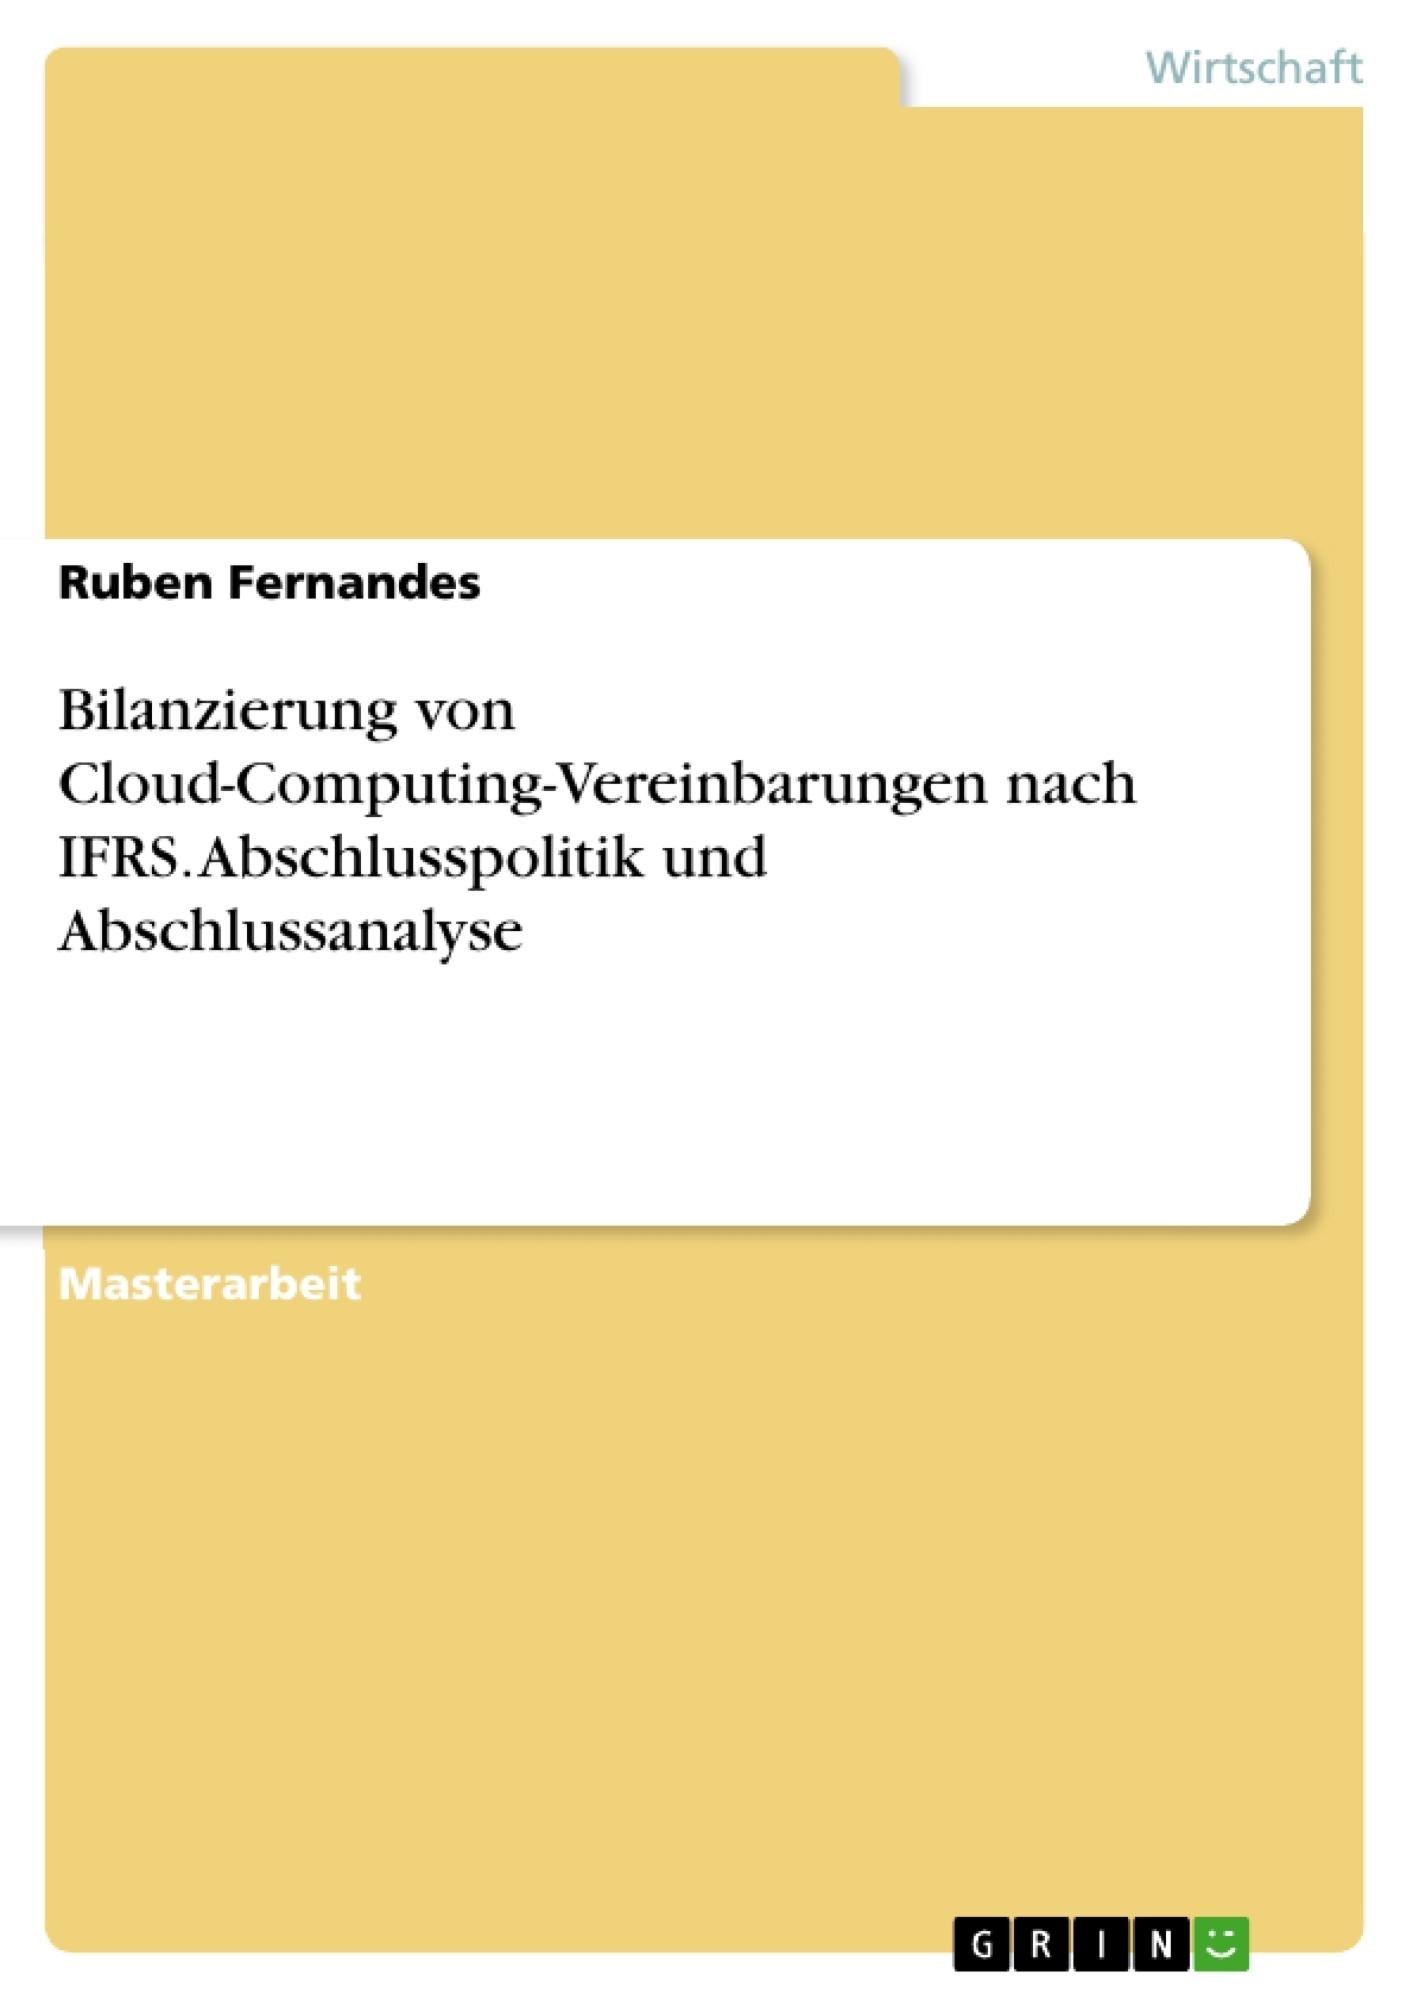 Titel: Bilanzierung von Cloud-Computing-Vereinbarungen nach IFRS. Abschlusspolitik und Abschlussanalyse